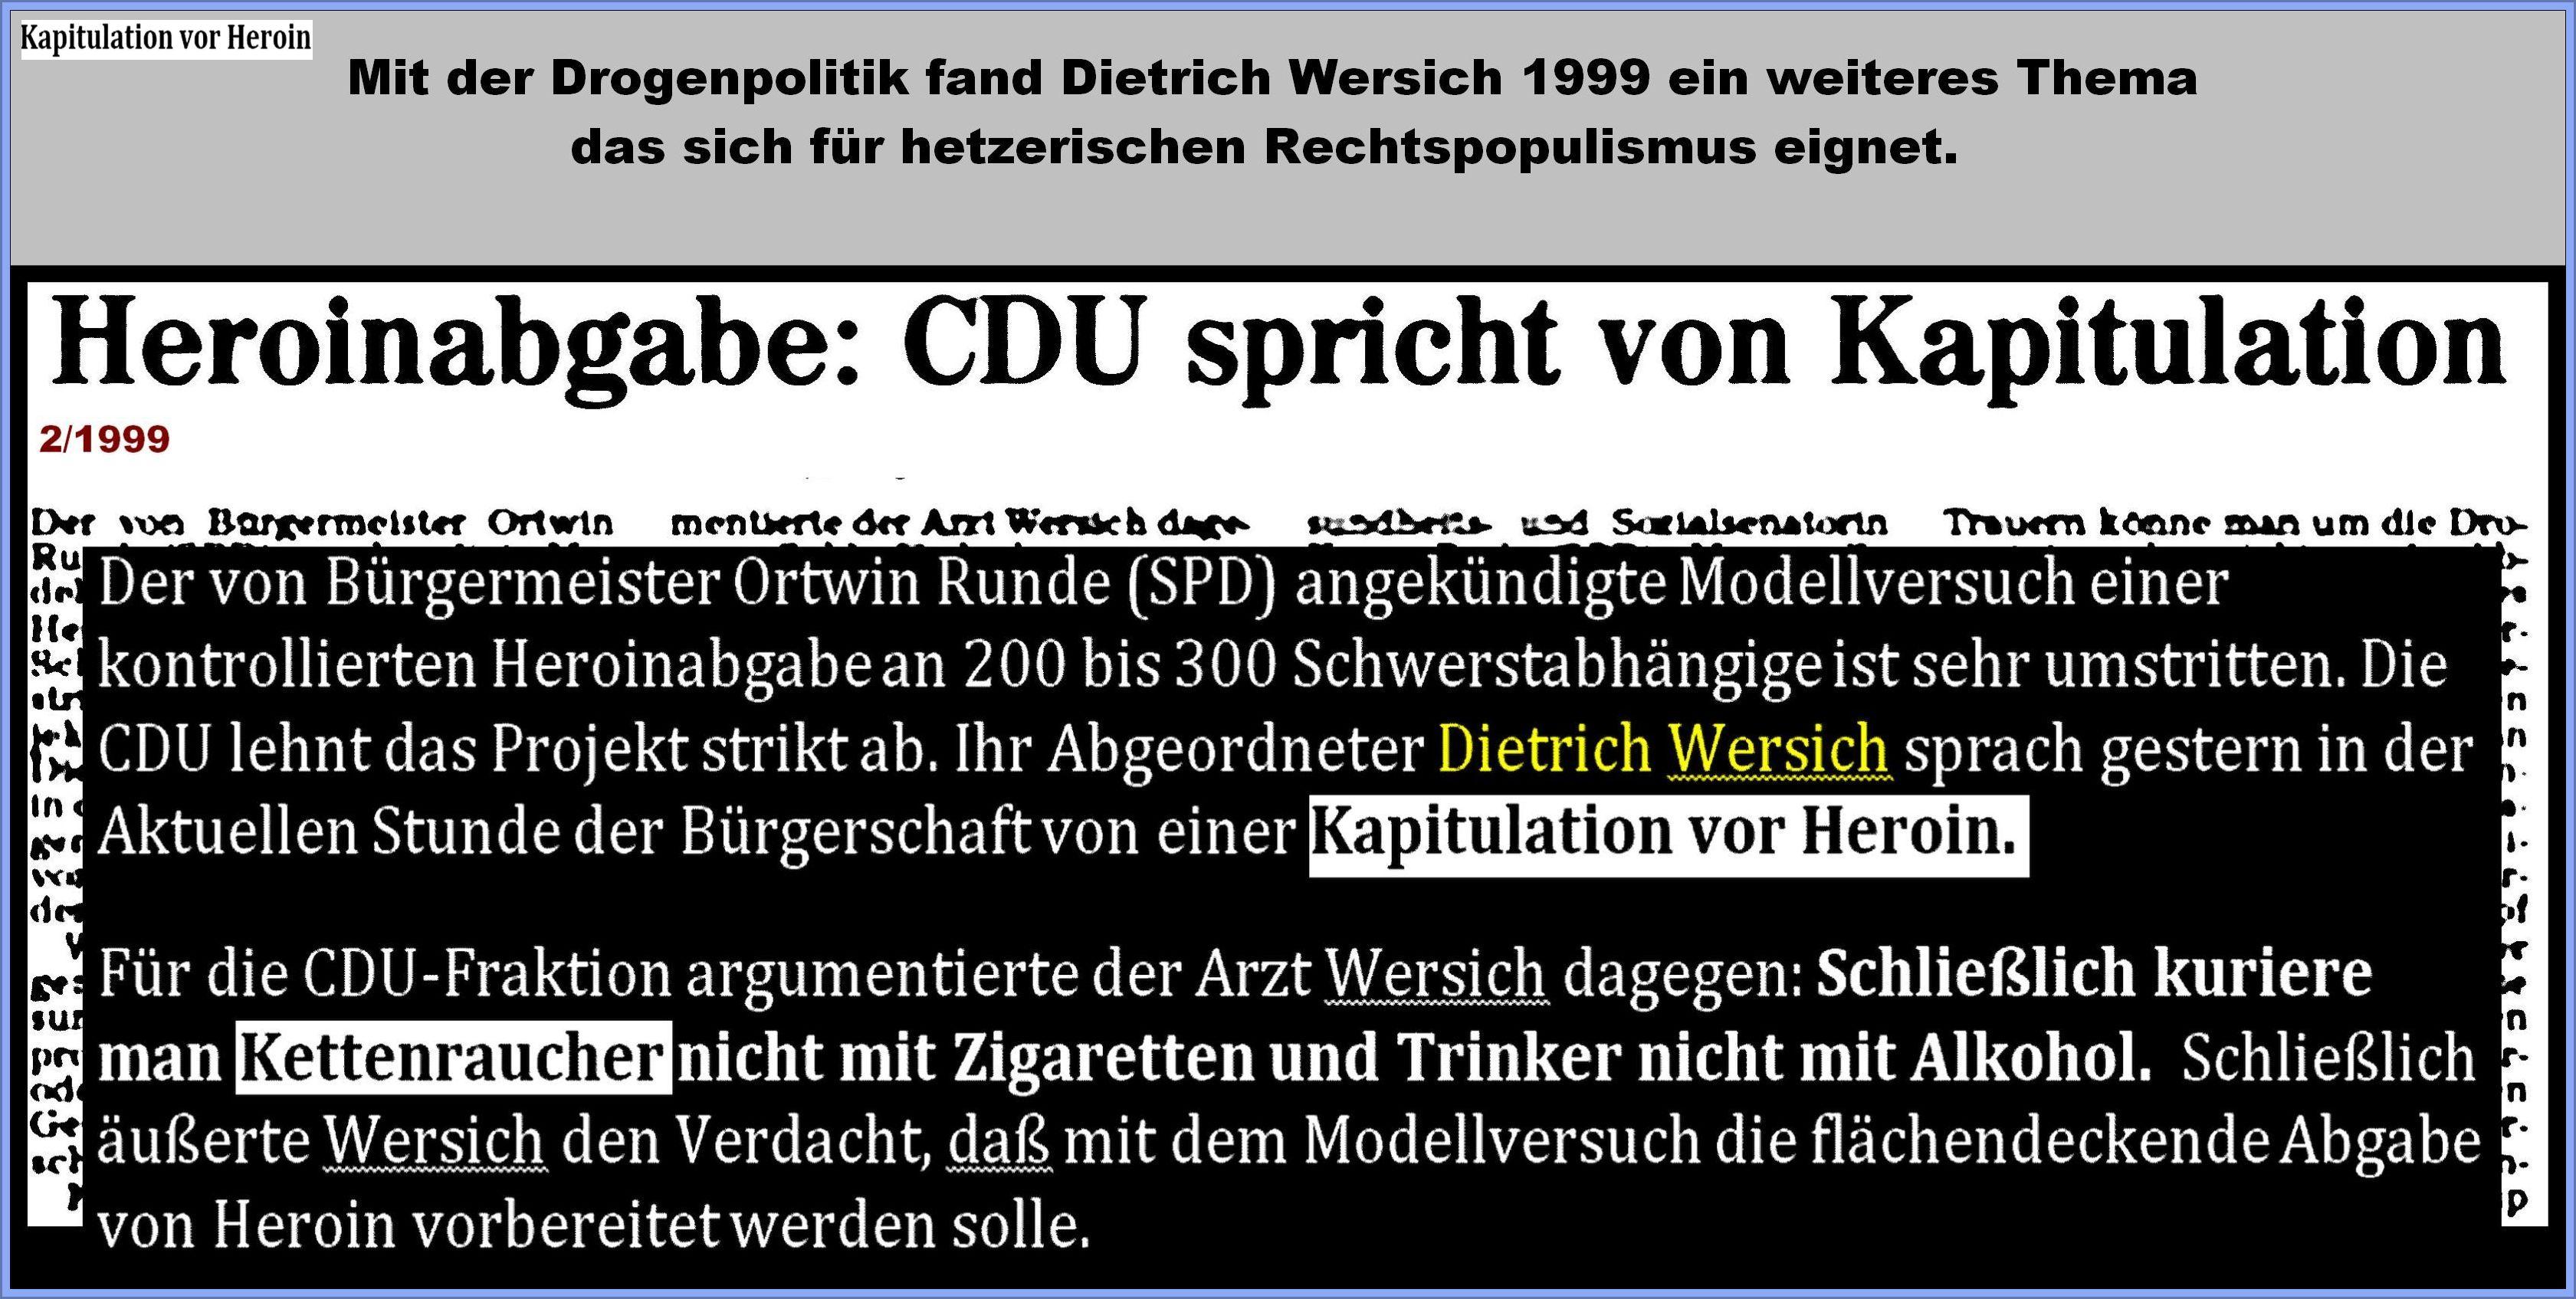 DietrichWersich